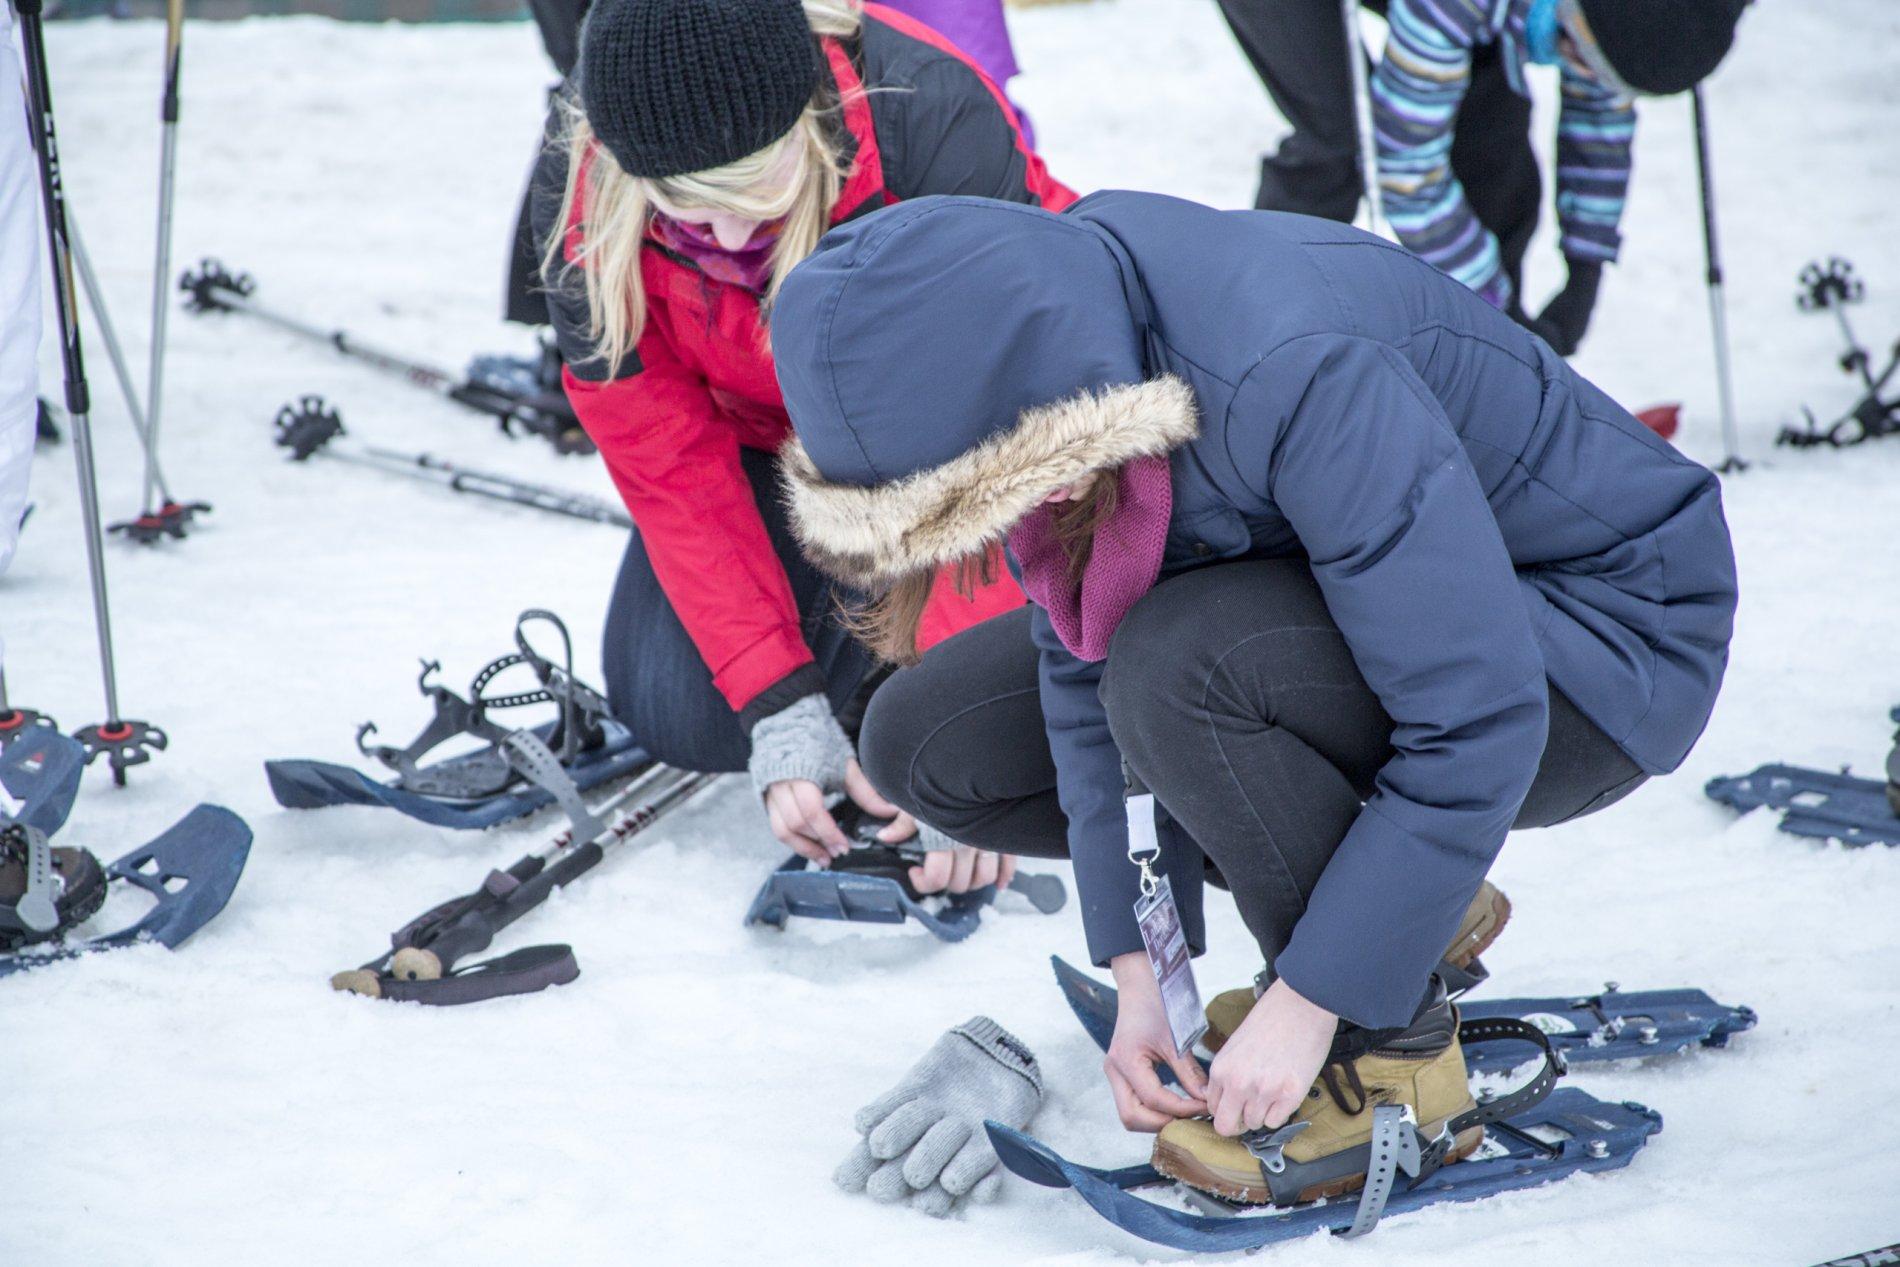 Vorbereitung zur Schneeschuhwanderung